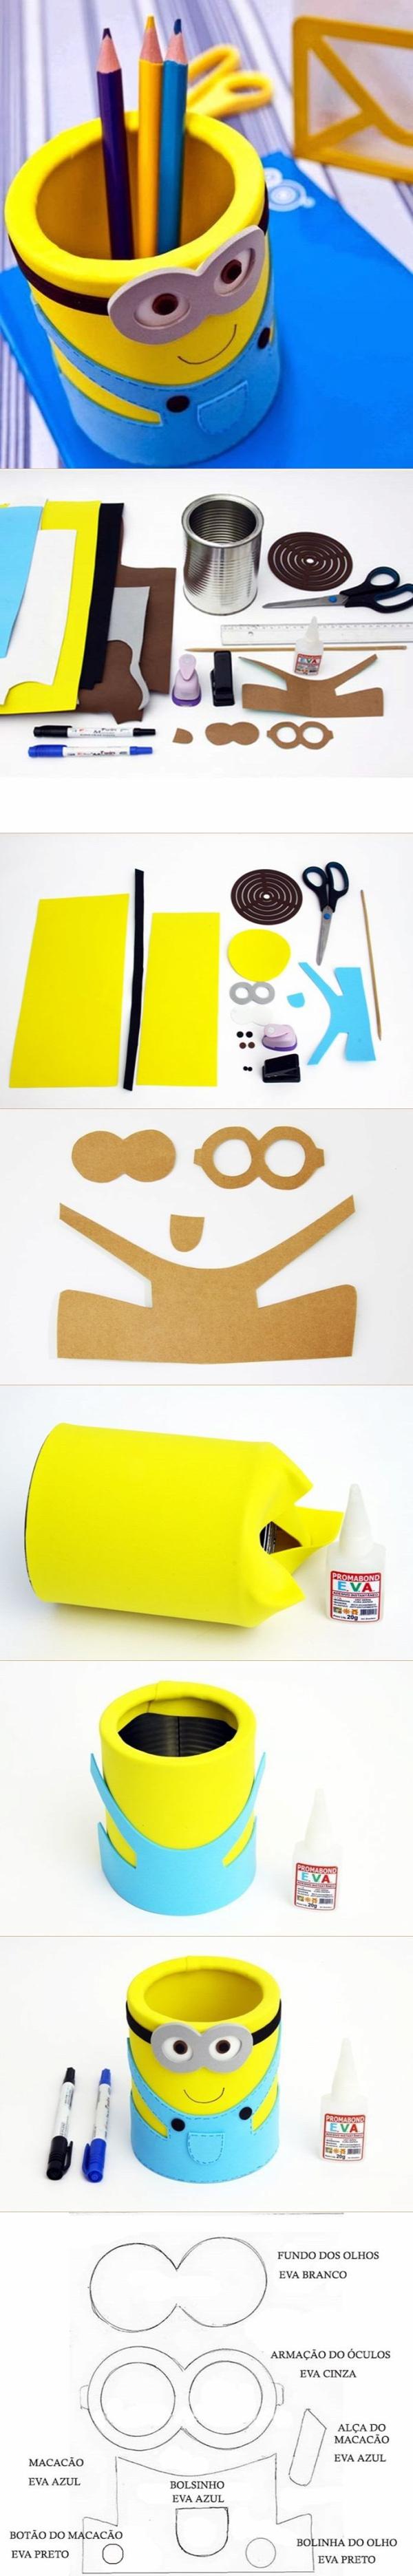 Manualidades muy divertidas con materiales de Néstor P. Carrara SRL. Contacto l https://nestorcarrarasrl.wordpress.com/e-commerce/  Néstor P. Carrara S.R.L l ¡En su 35° aniversario!